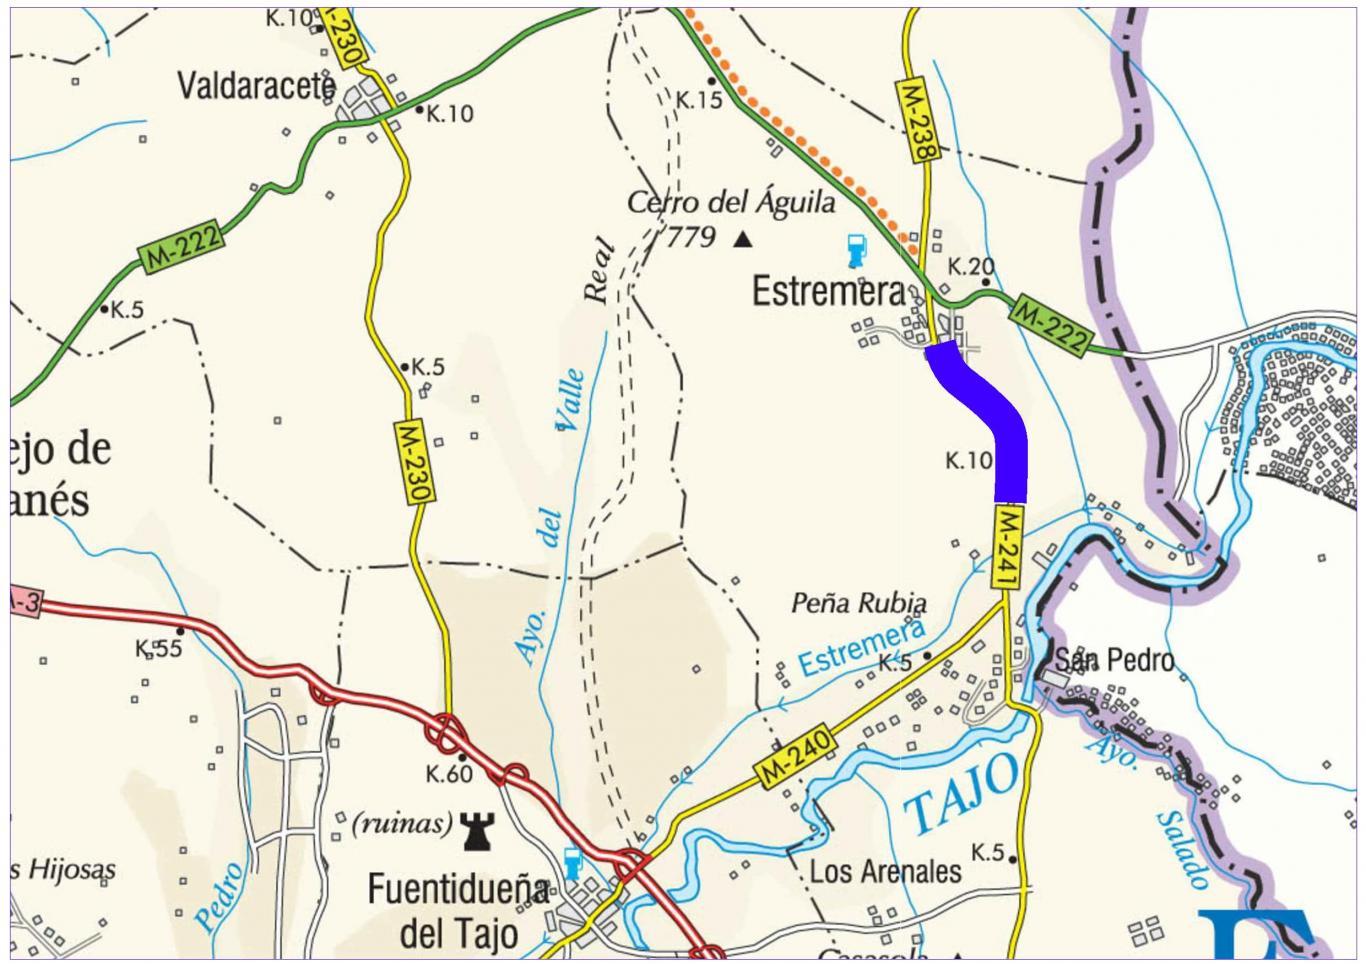 Plano de situación de la obra M-241 pk 9,000-12,550